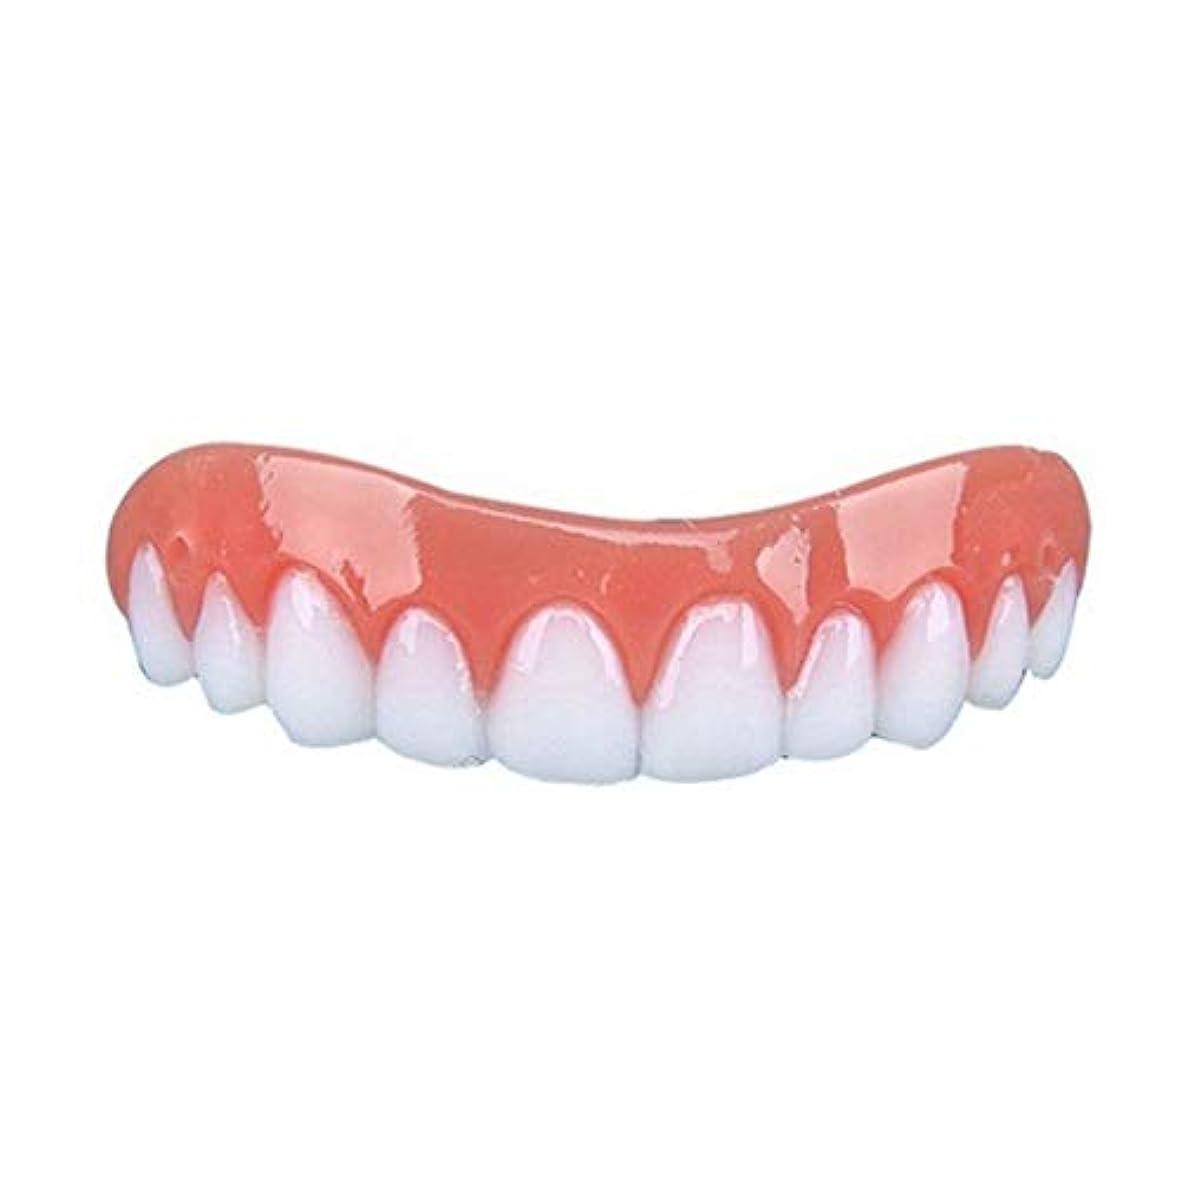 ガス法廷怒るBartram 歯カバー シリコン義歯ペースト 上歯 笑顔を保つ 歯保護 美容用 入れ歯 矯正義歯